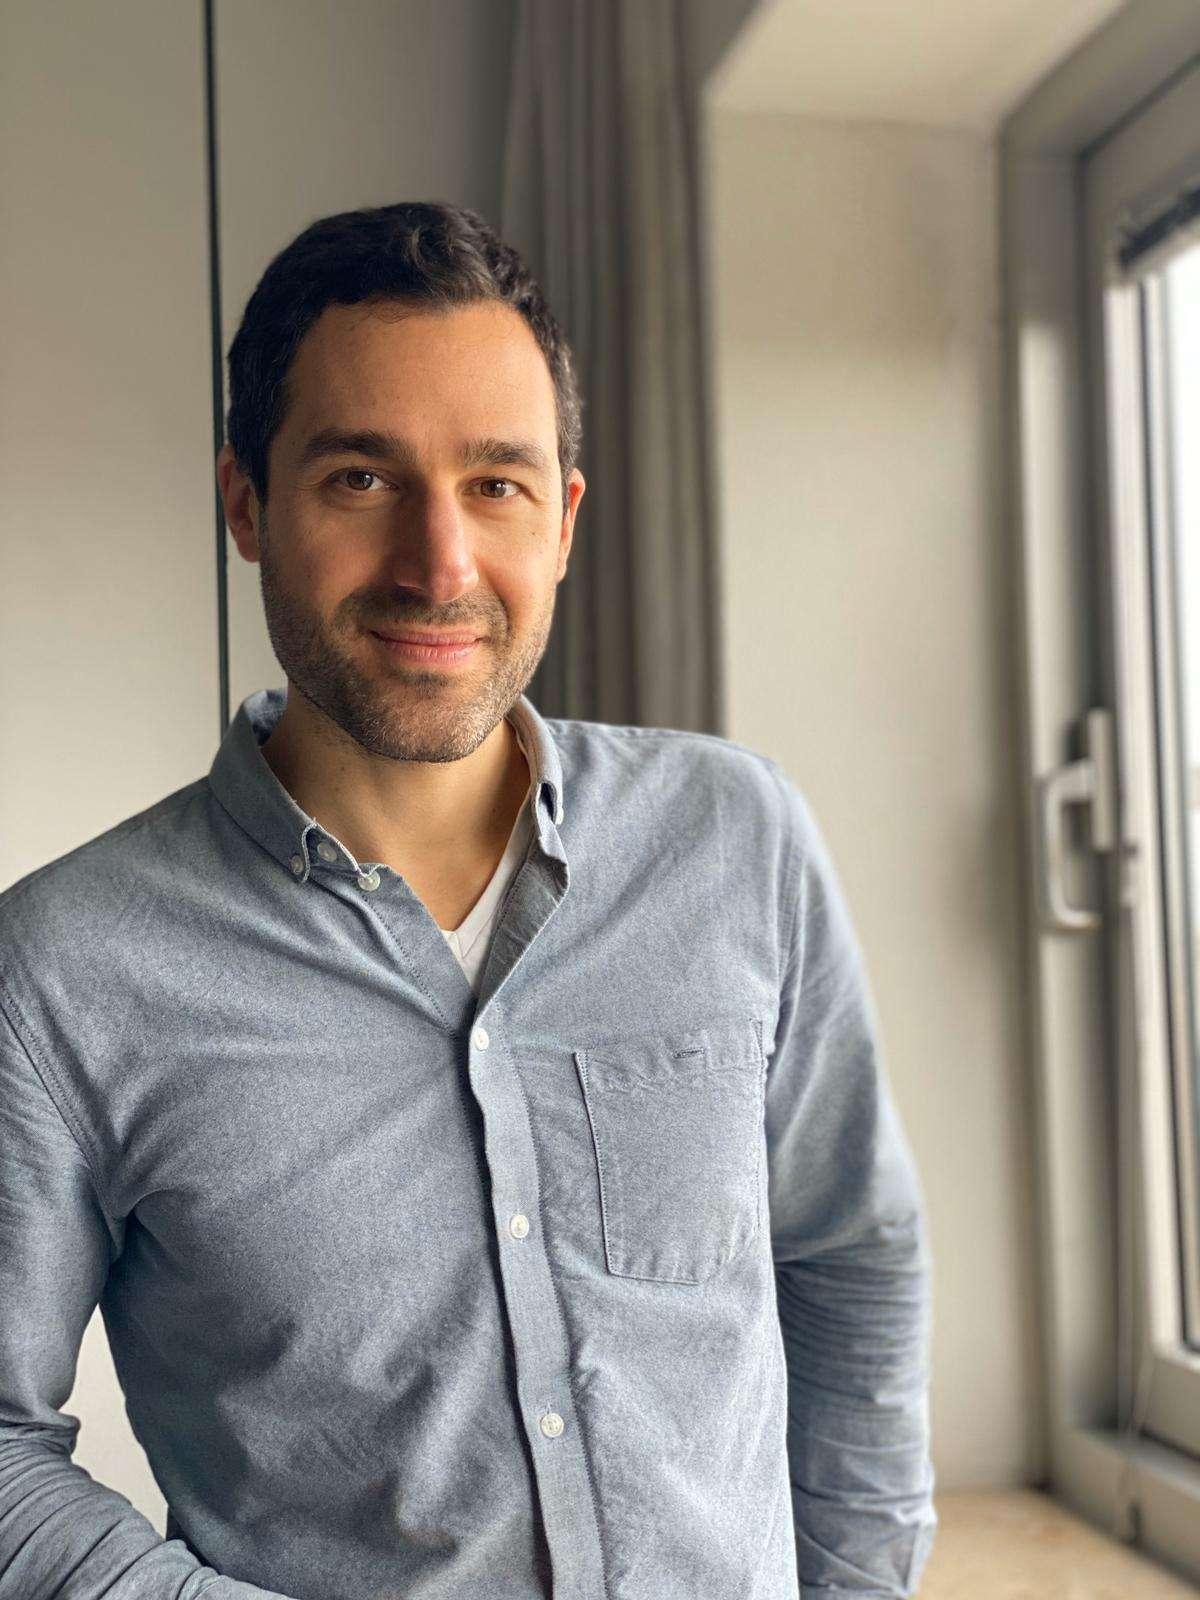 Anthony Abato - Ejil Author